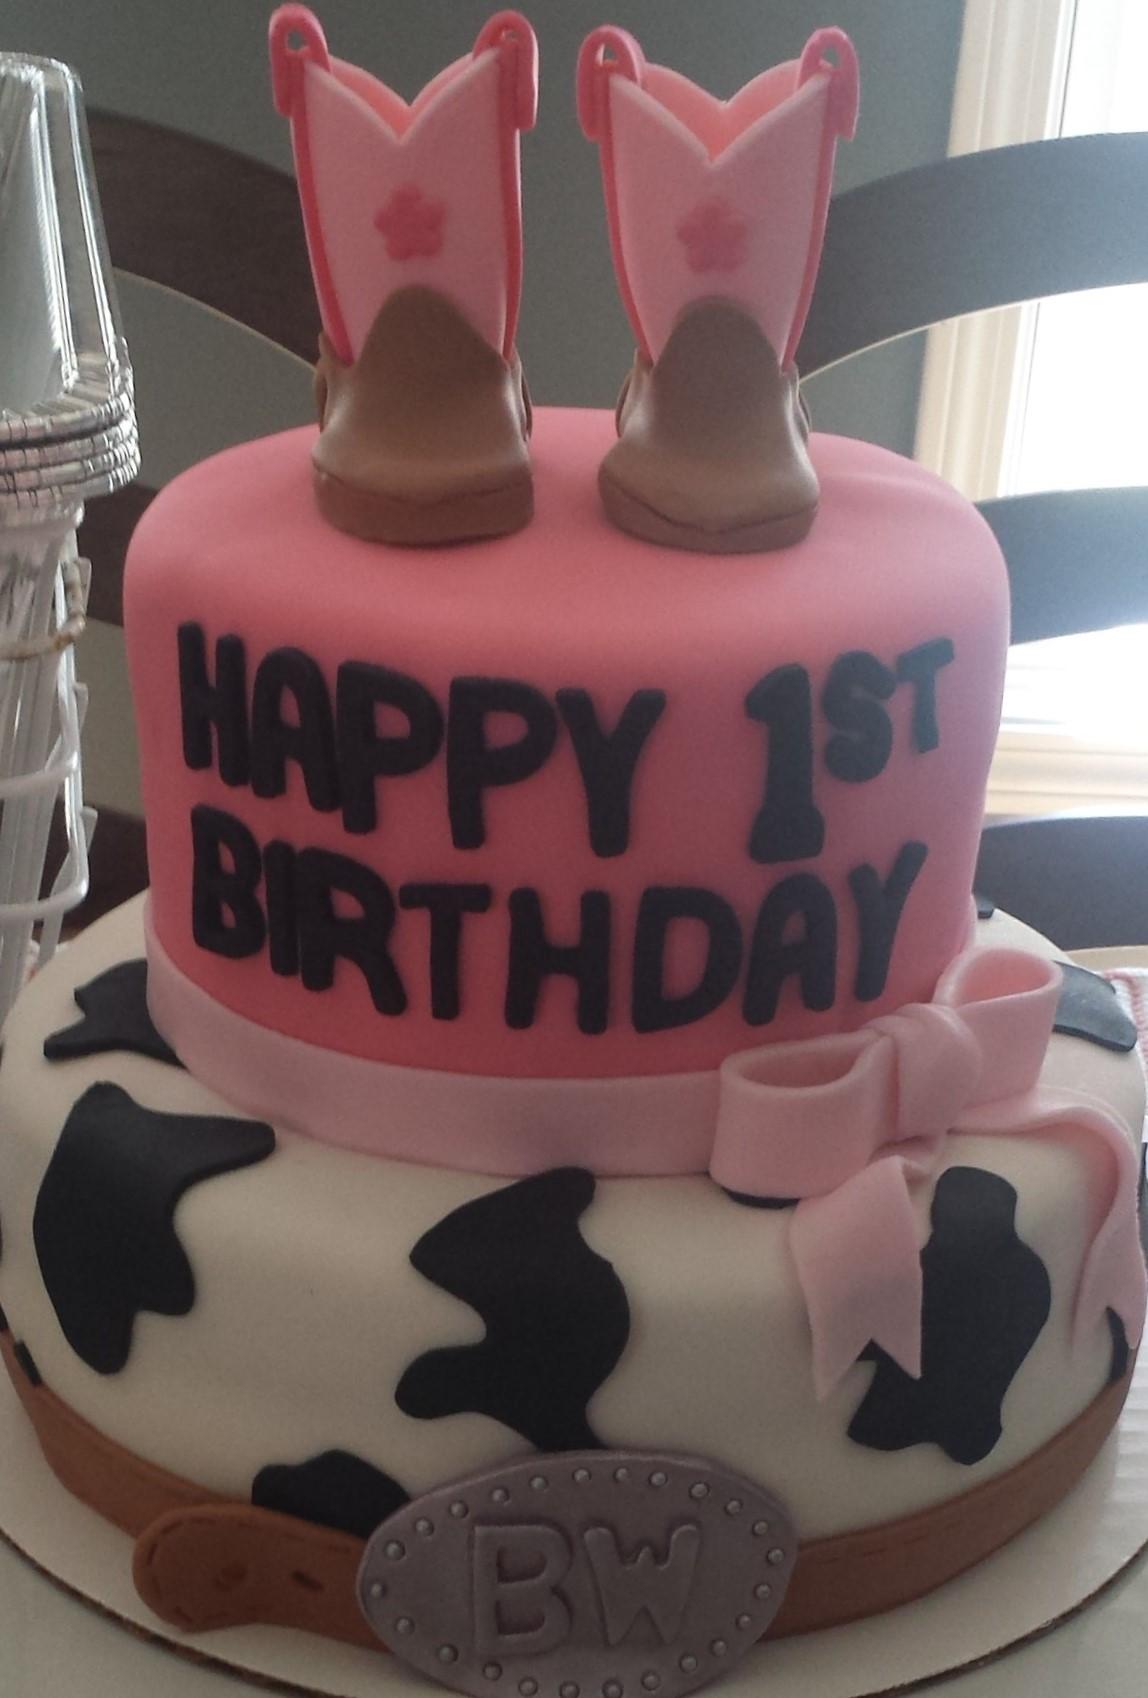 1st Birthday Celebrations For Sweet Little Girls